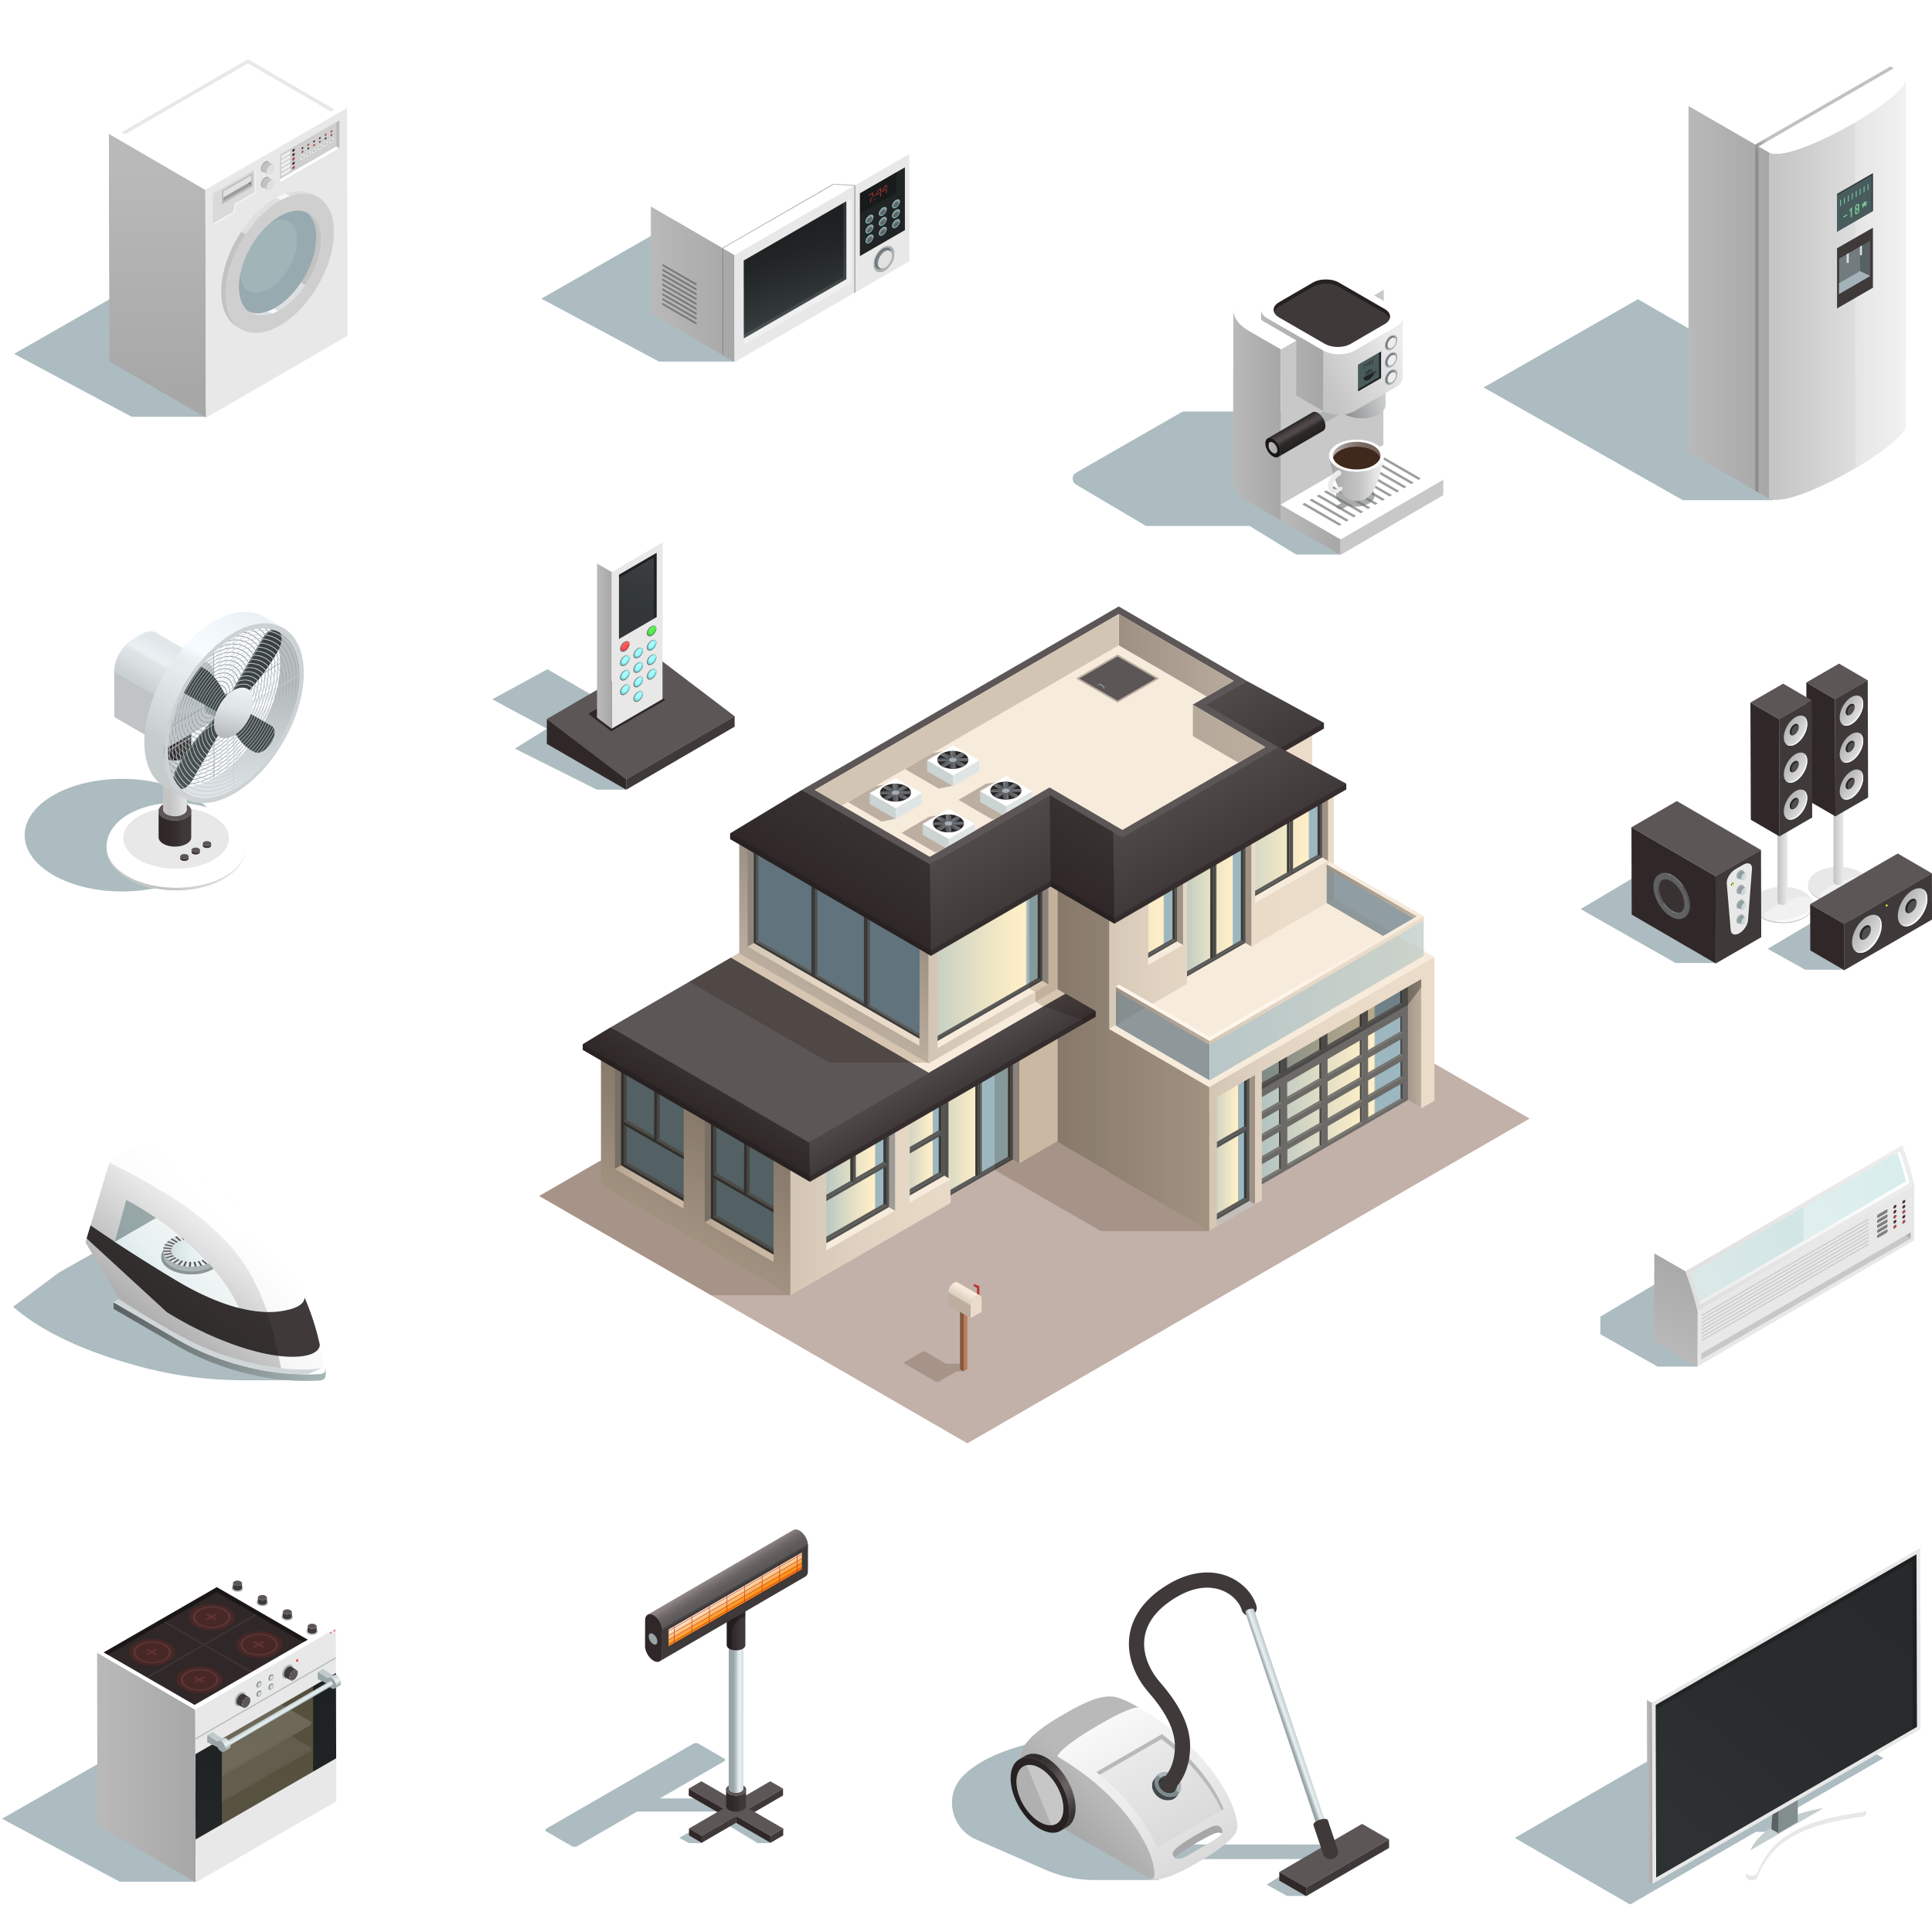 تجهیزات برقی و لوازم خانگی